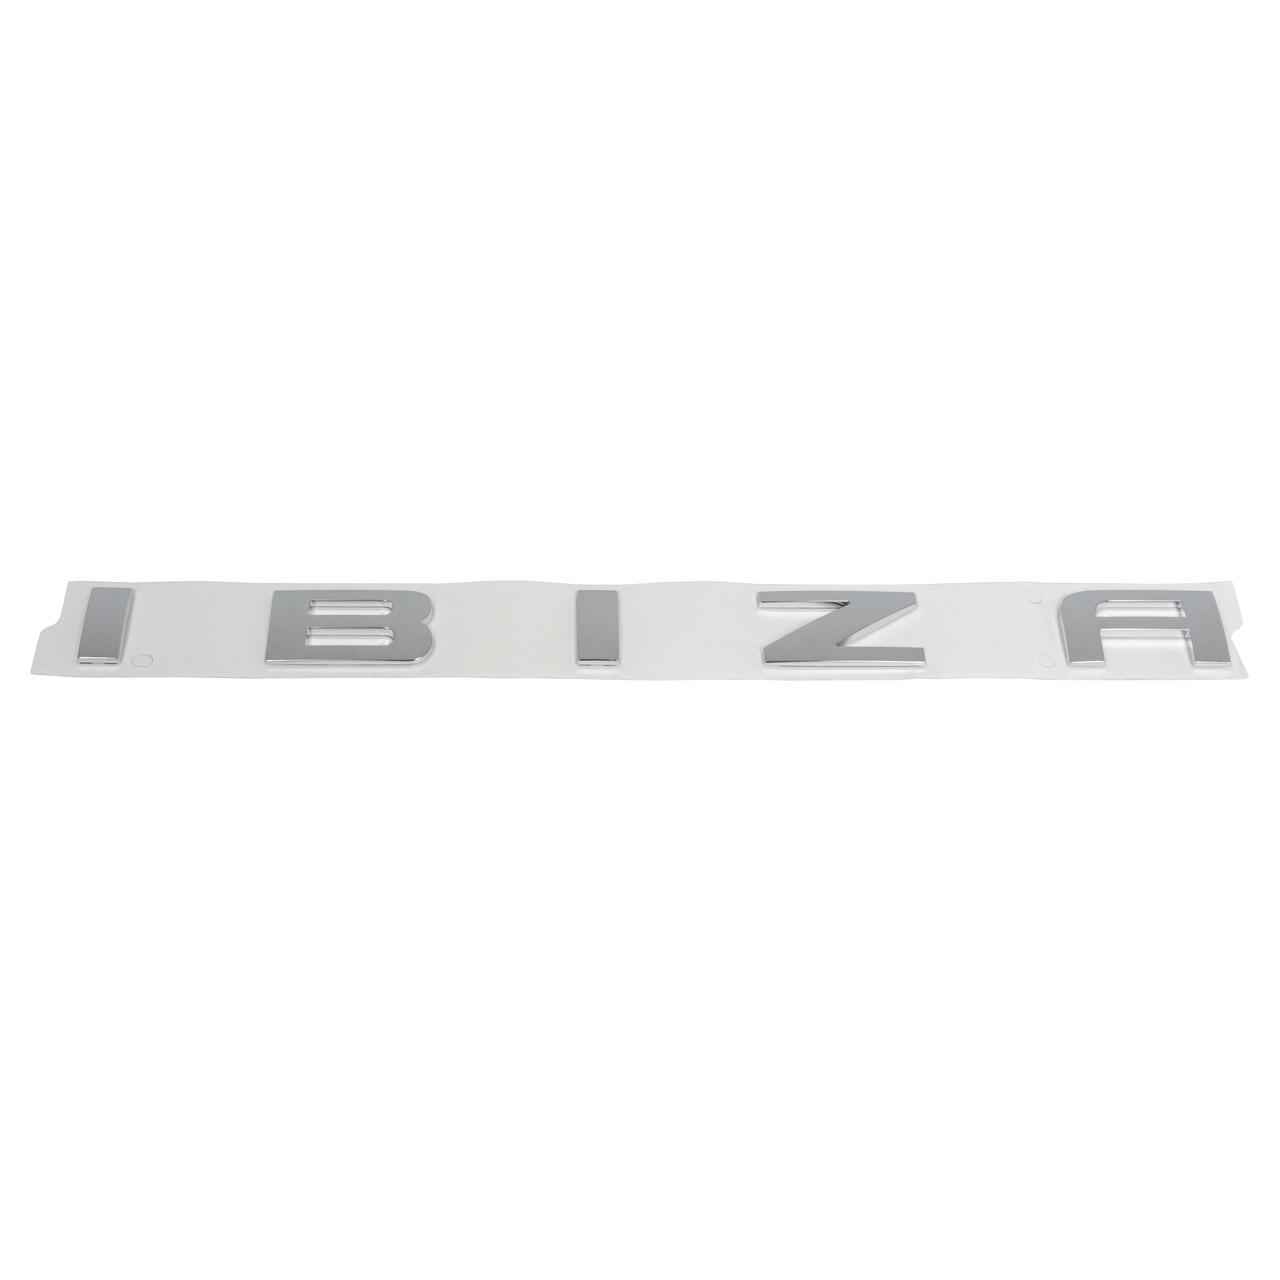 ORIGINAL SEAT Emblem Schriftzug IBIZA Heckklappe Ibiza 5 (KJ1) 6L6853687A2ZZ